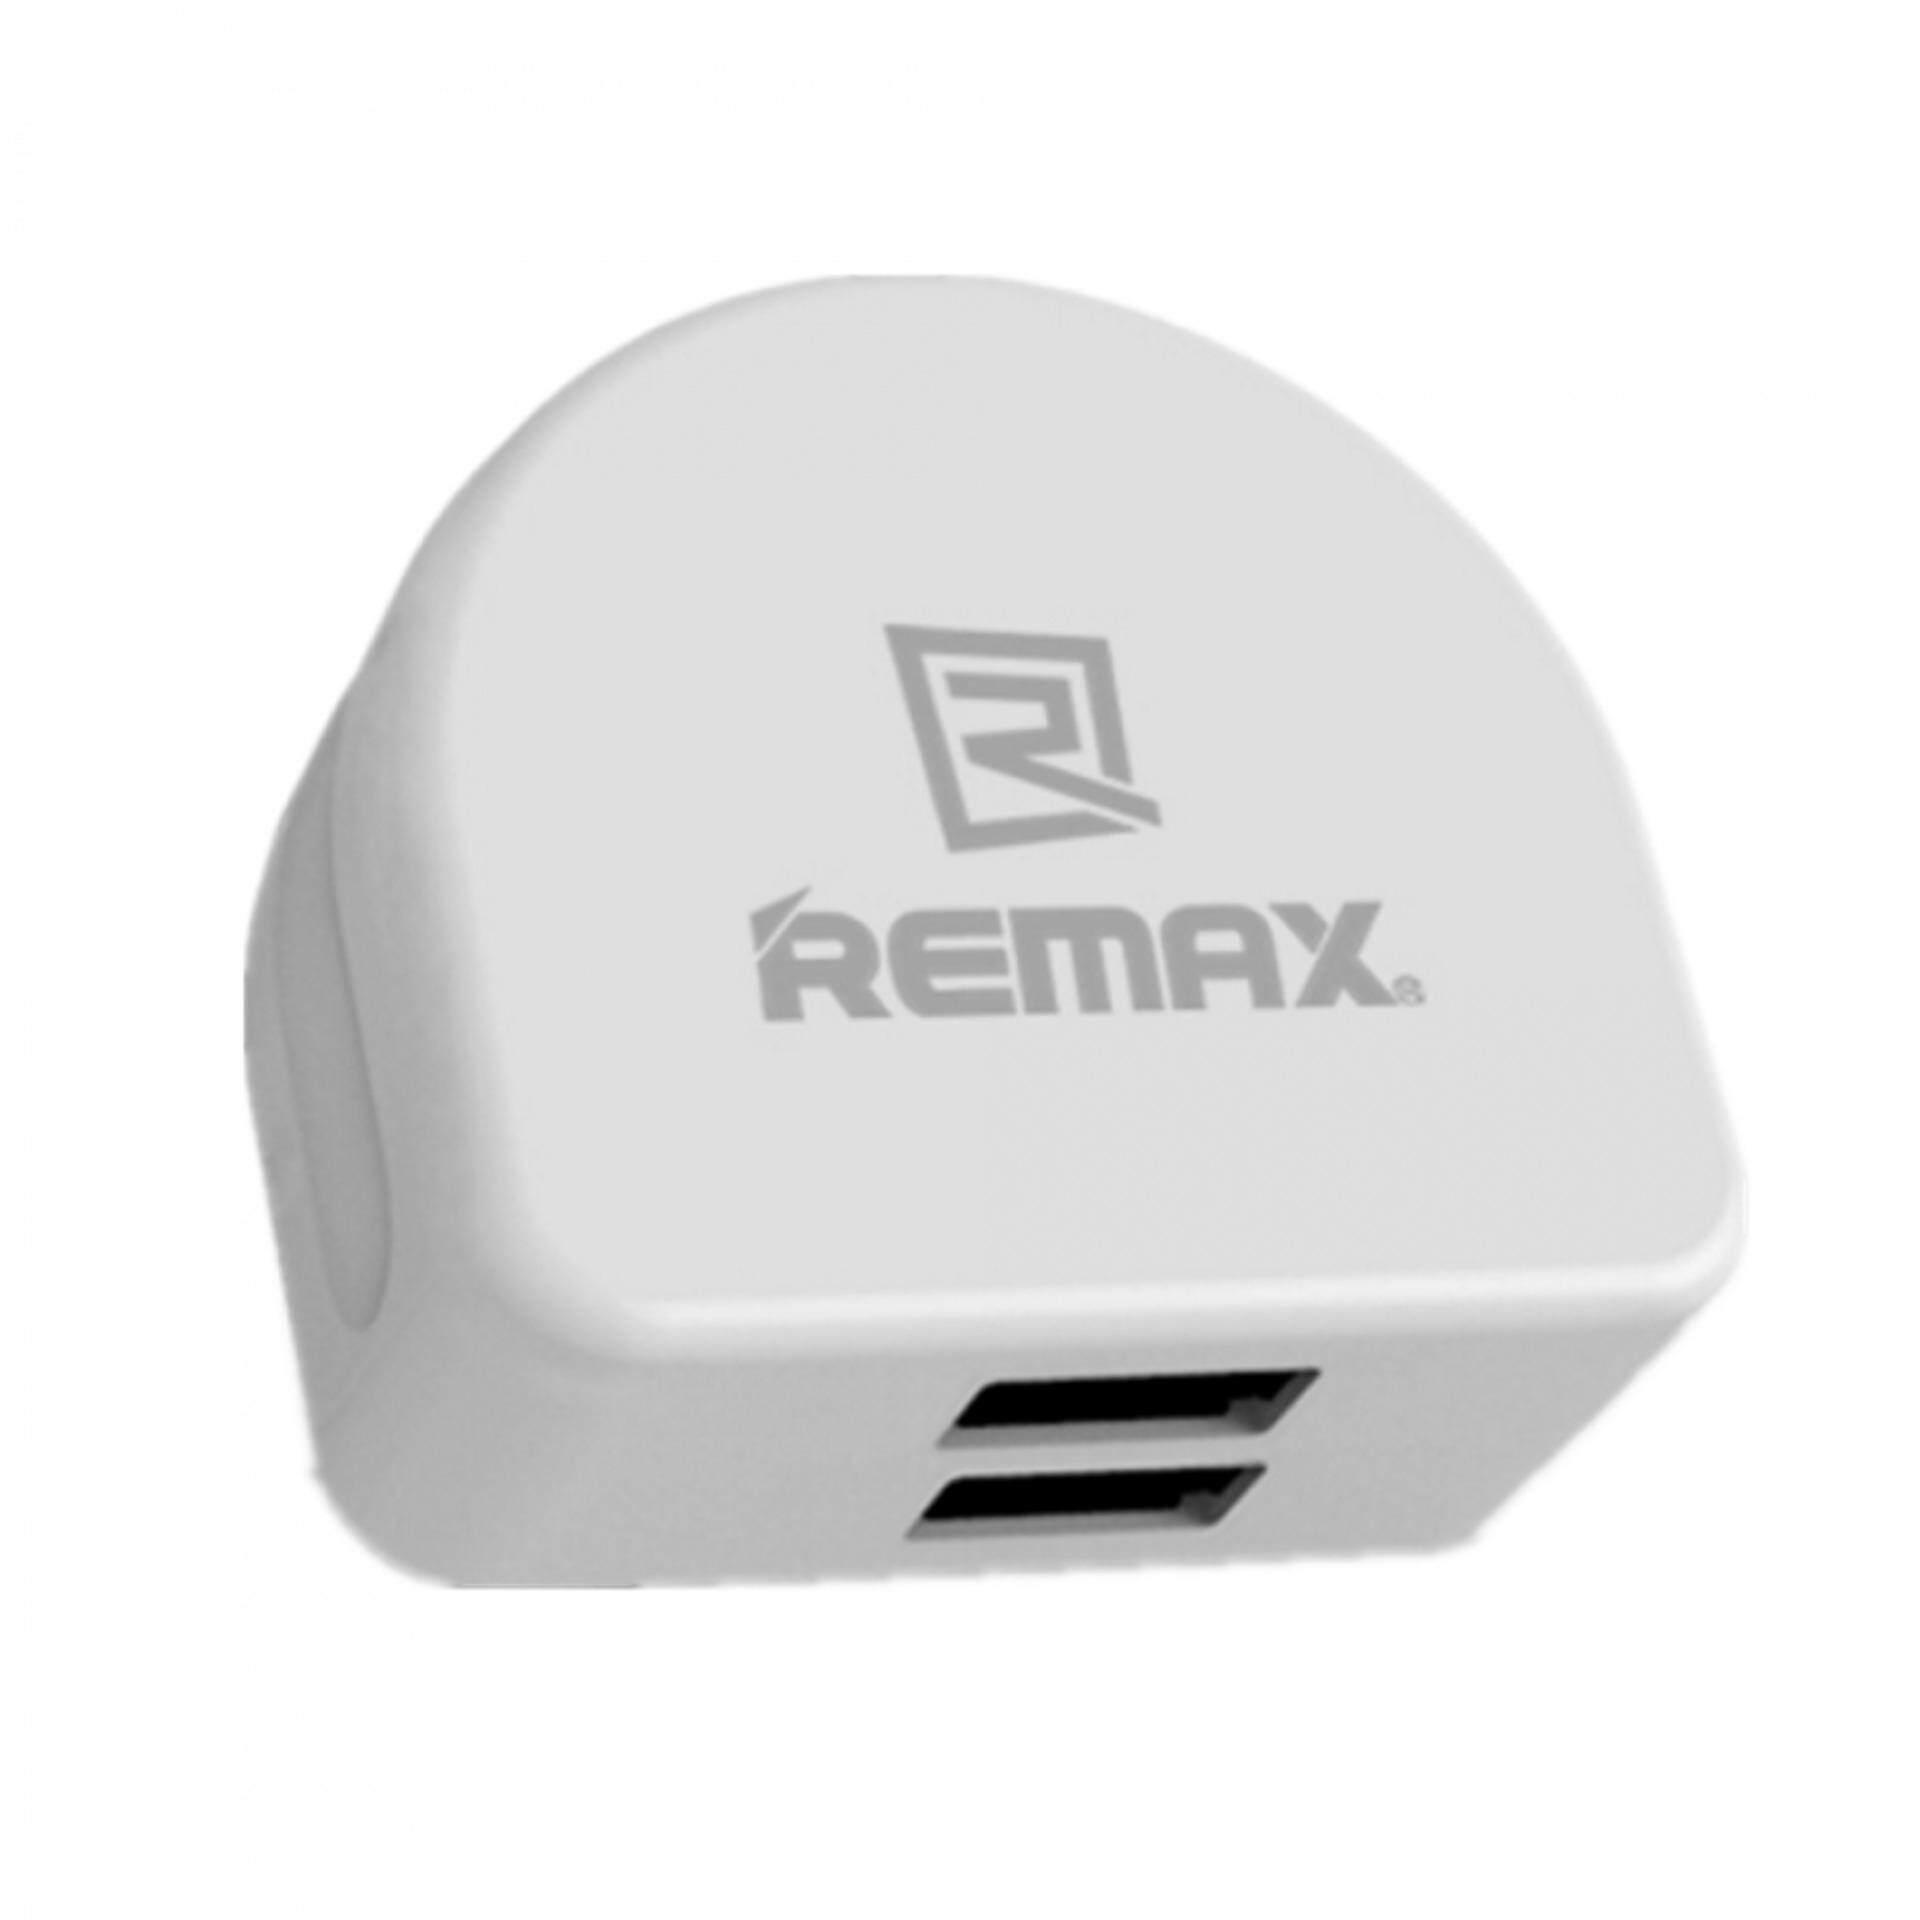 Original Remax RMT7188 Moon series 2.1A Dual USB Port Moon Charger Plug